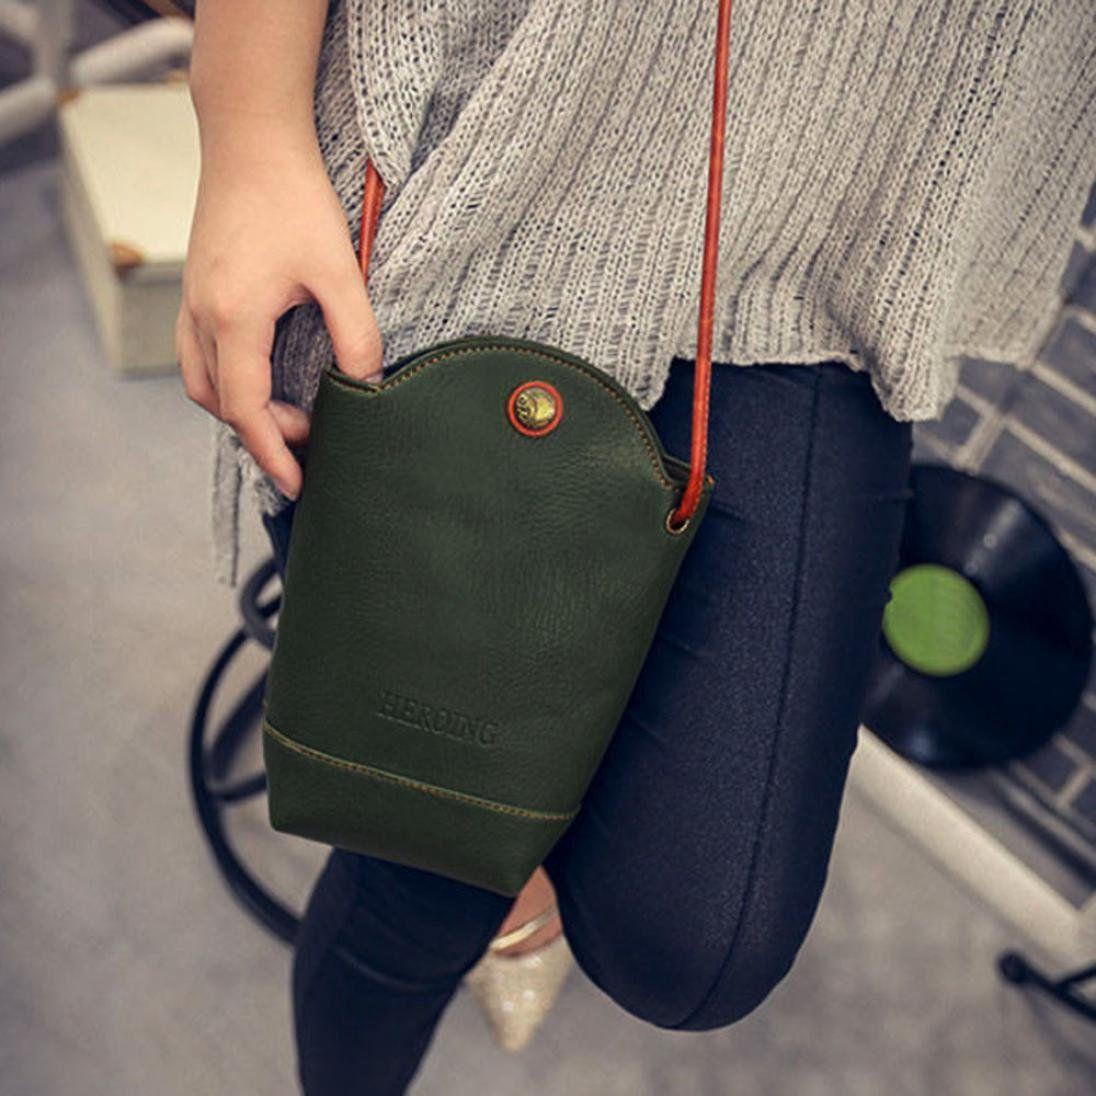 ab422205c425 Clearance Deals Women Handbag Shoulder Bag TOOPOOT Lady Small Body ...